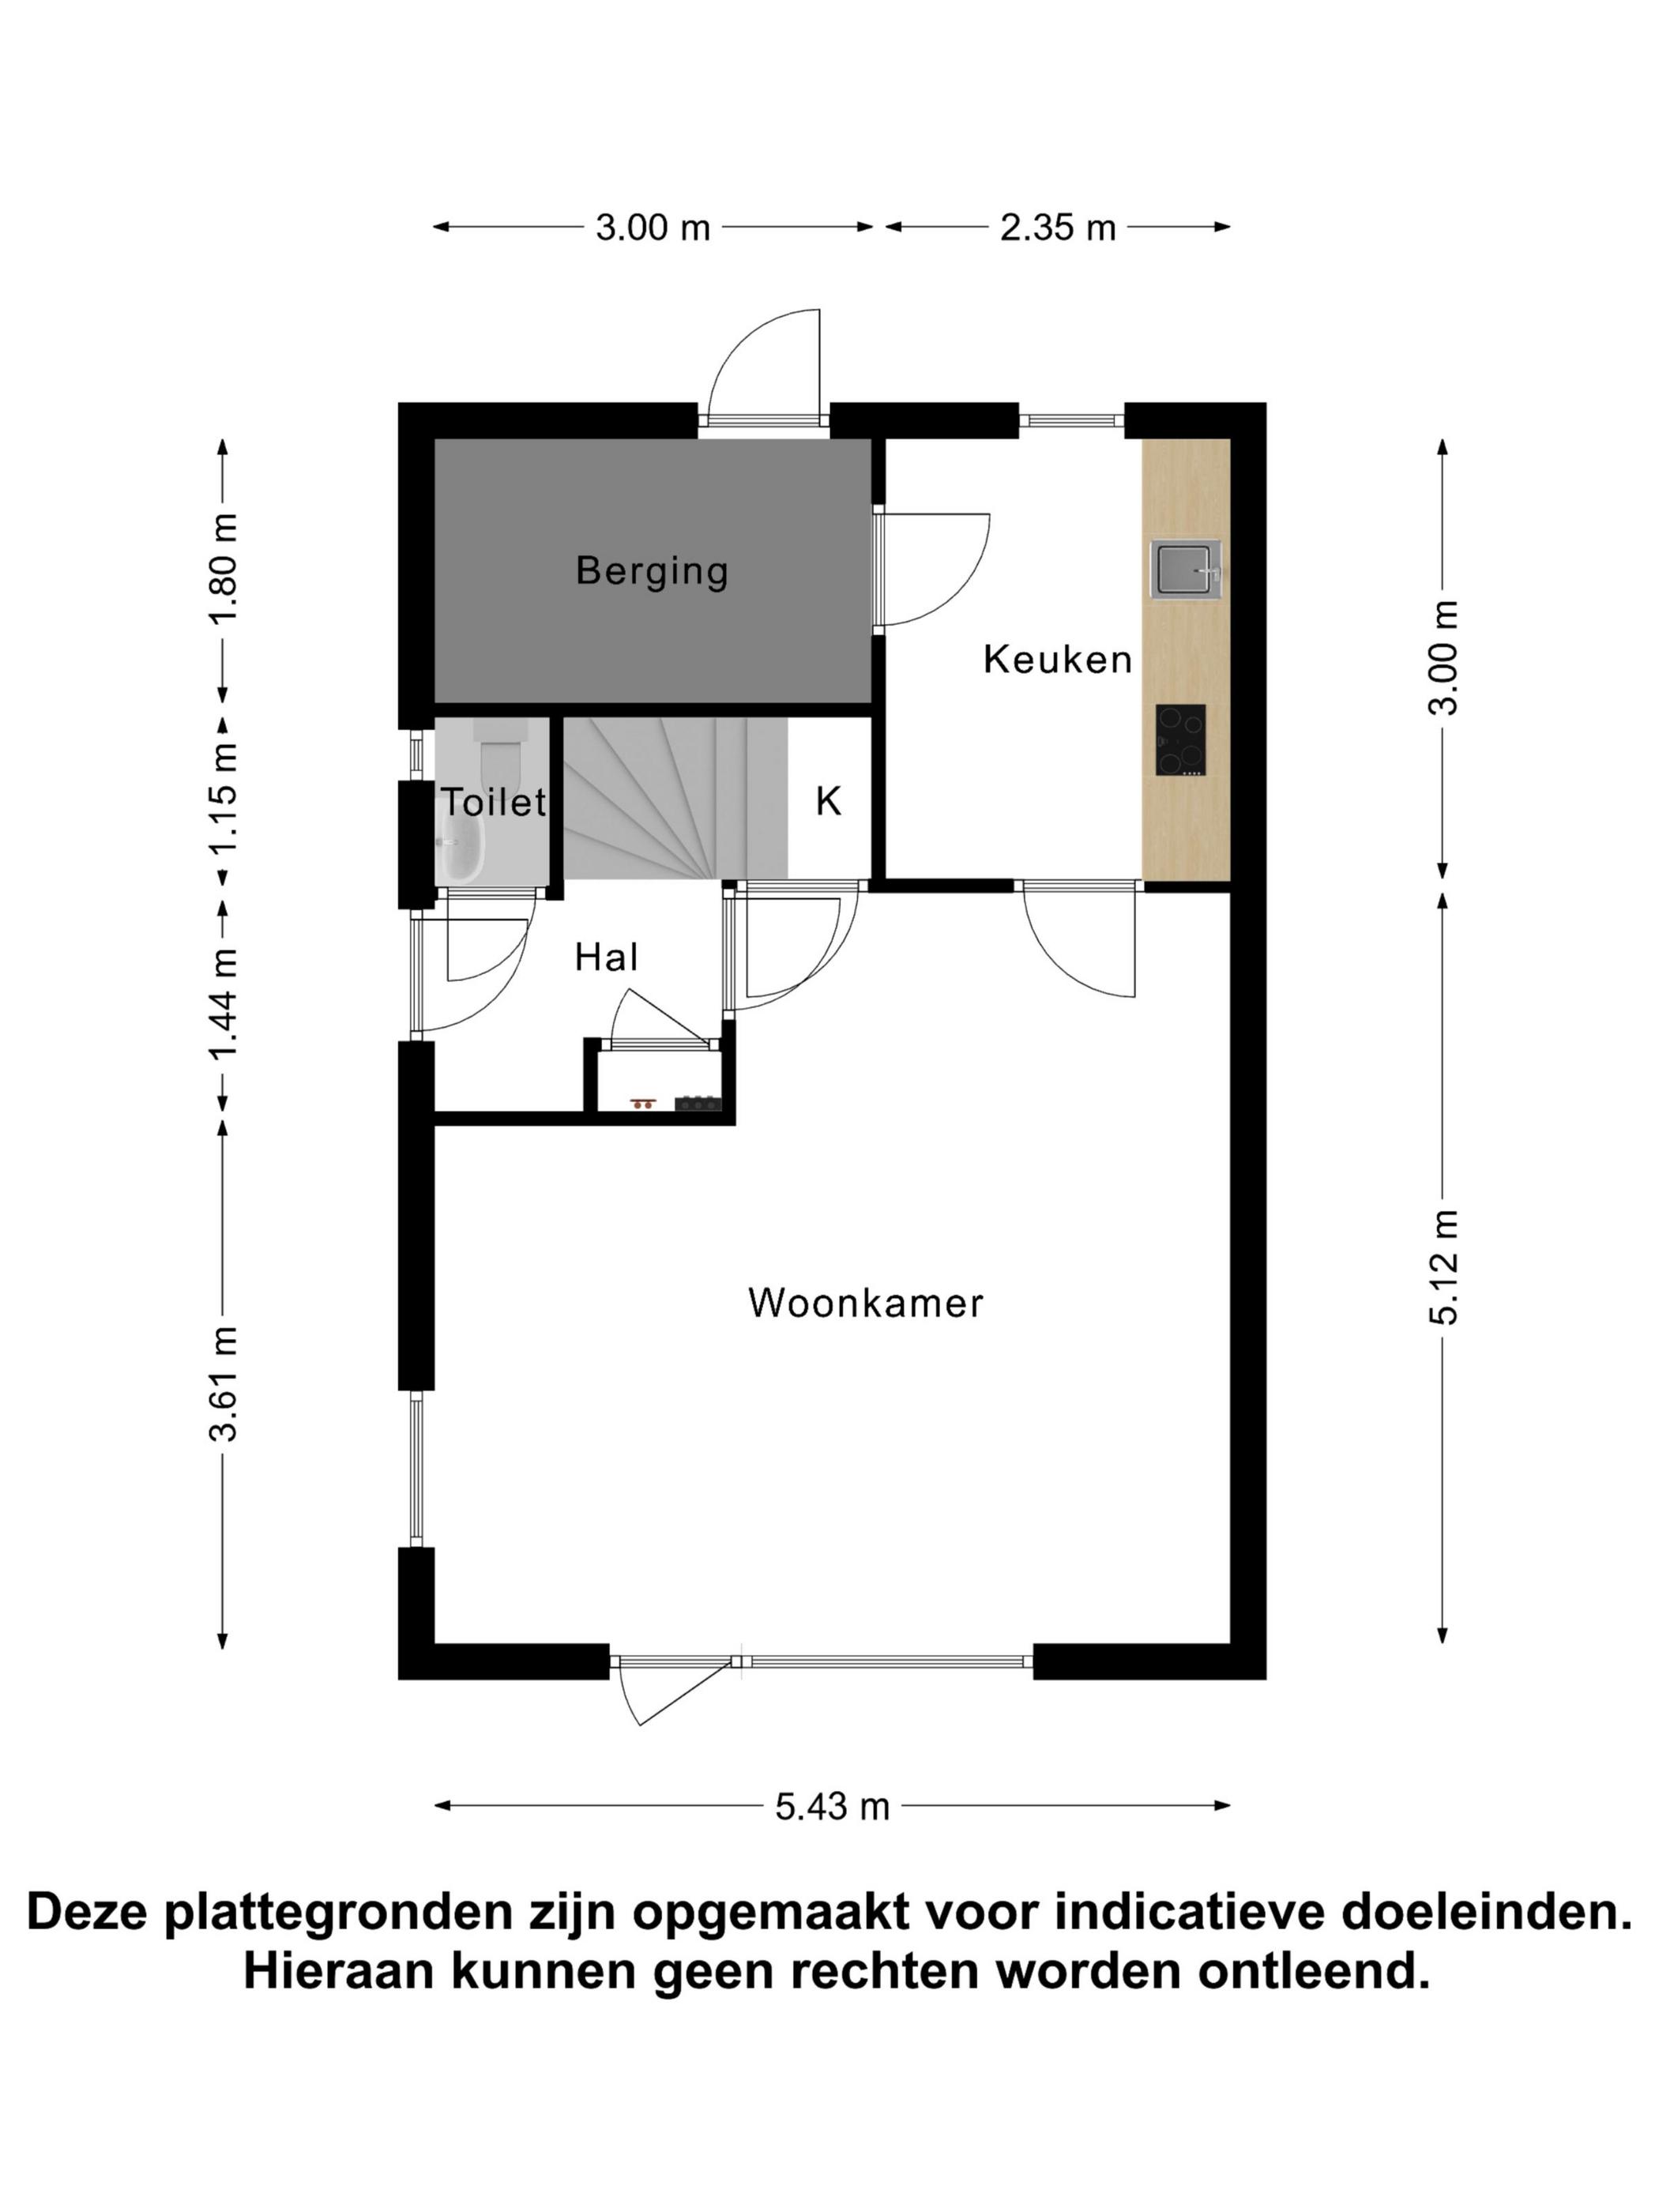 zeino-van-burmaniastrjitte-5-oppenhuizen-plattegrond-73